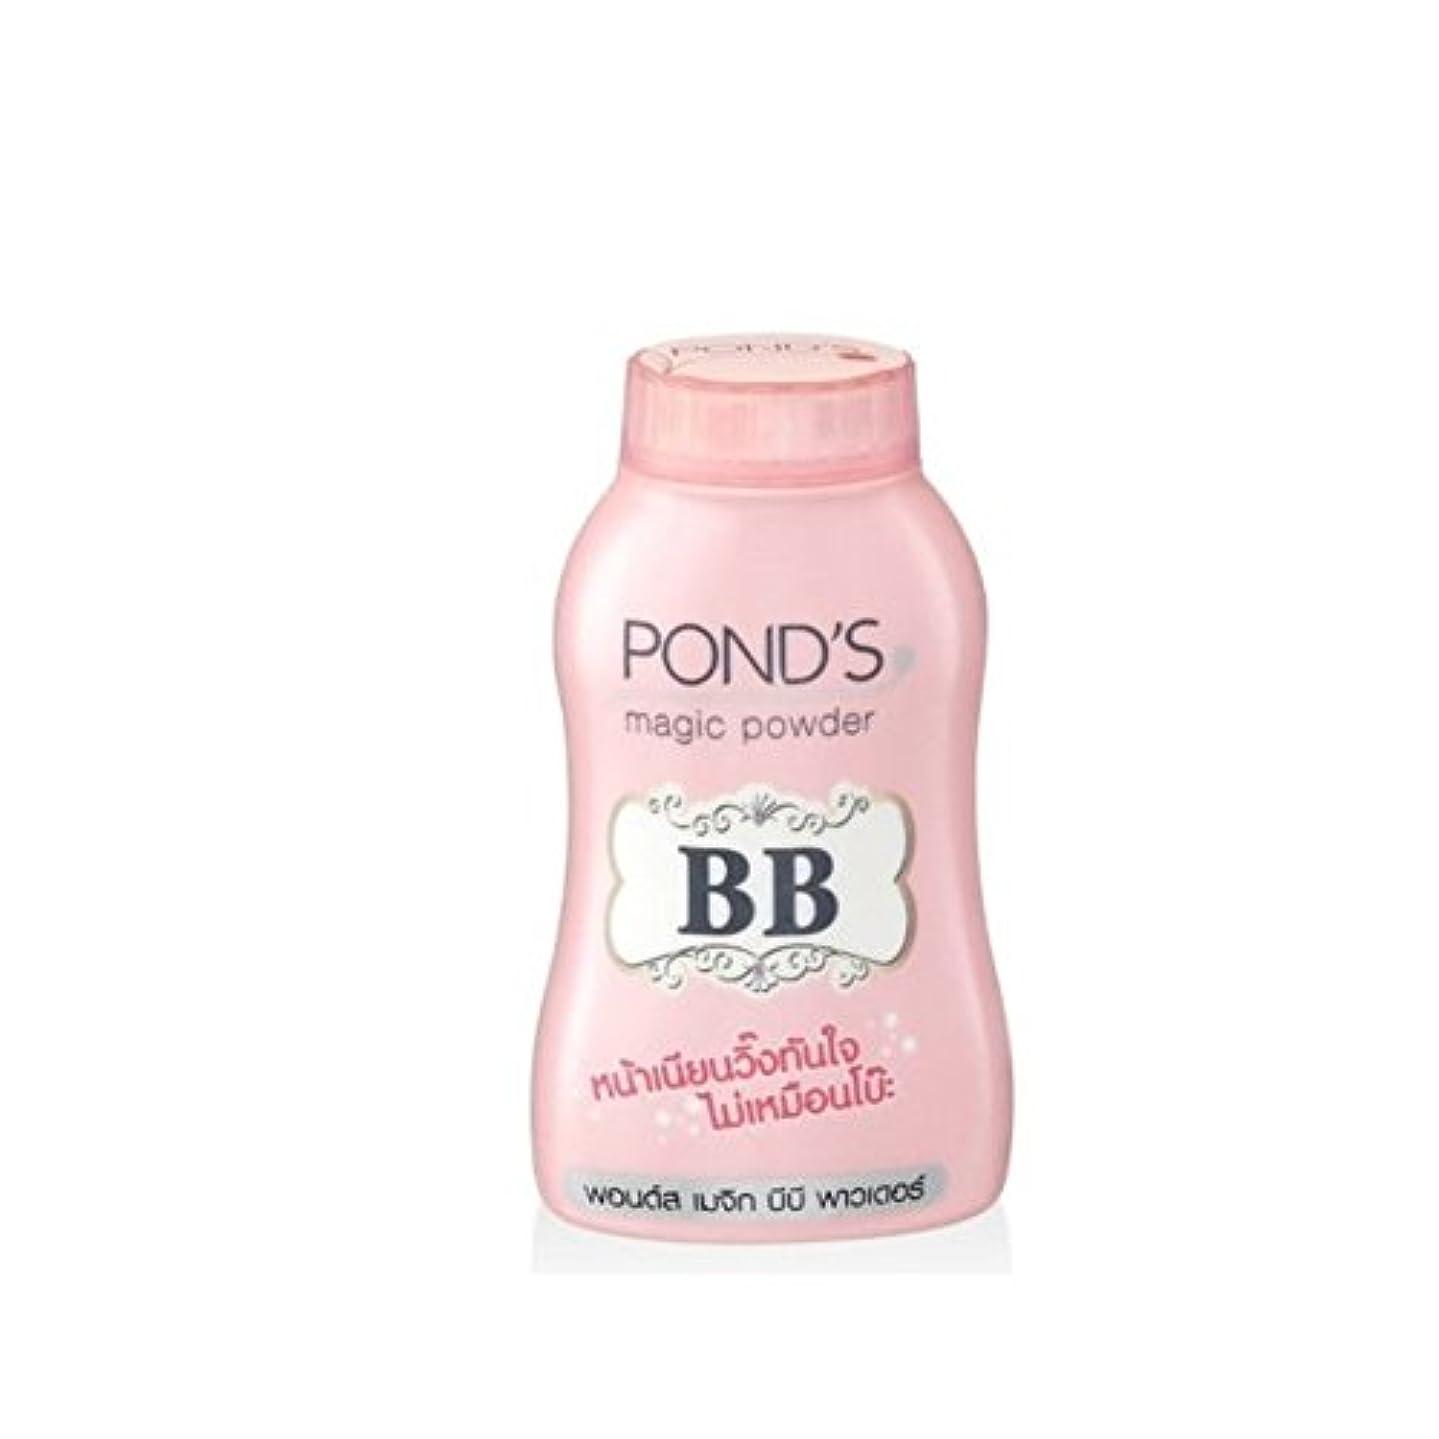 肌吸収ホールドオールPOND's Magic BB Pwder ポン酢マジック?パウダー50g 2 pack (並行輸入品)